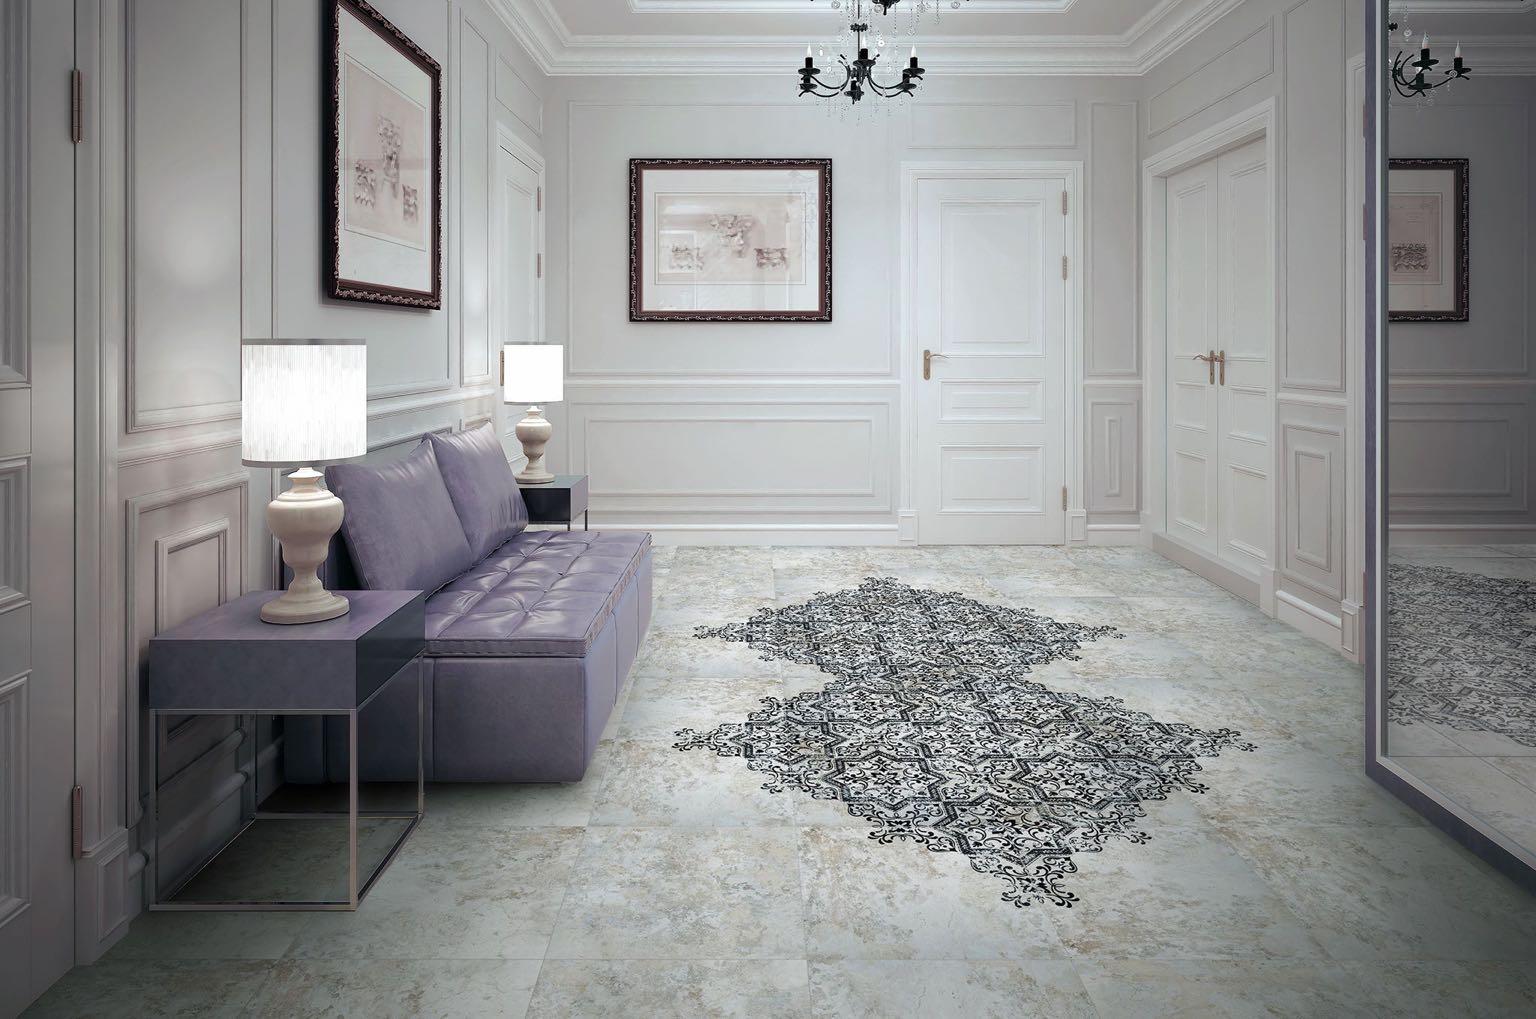 Duży przedpokój z białymi drzwiami i ścianami, obrazami na ścianach, lustrem, fioletową kanapą, dwoma stoliczkami z lampami, żyrandolem i płytkami dekoracyjnymi